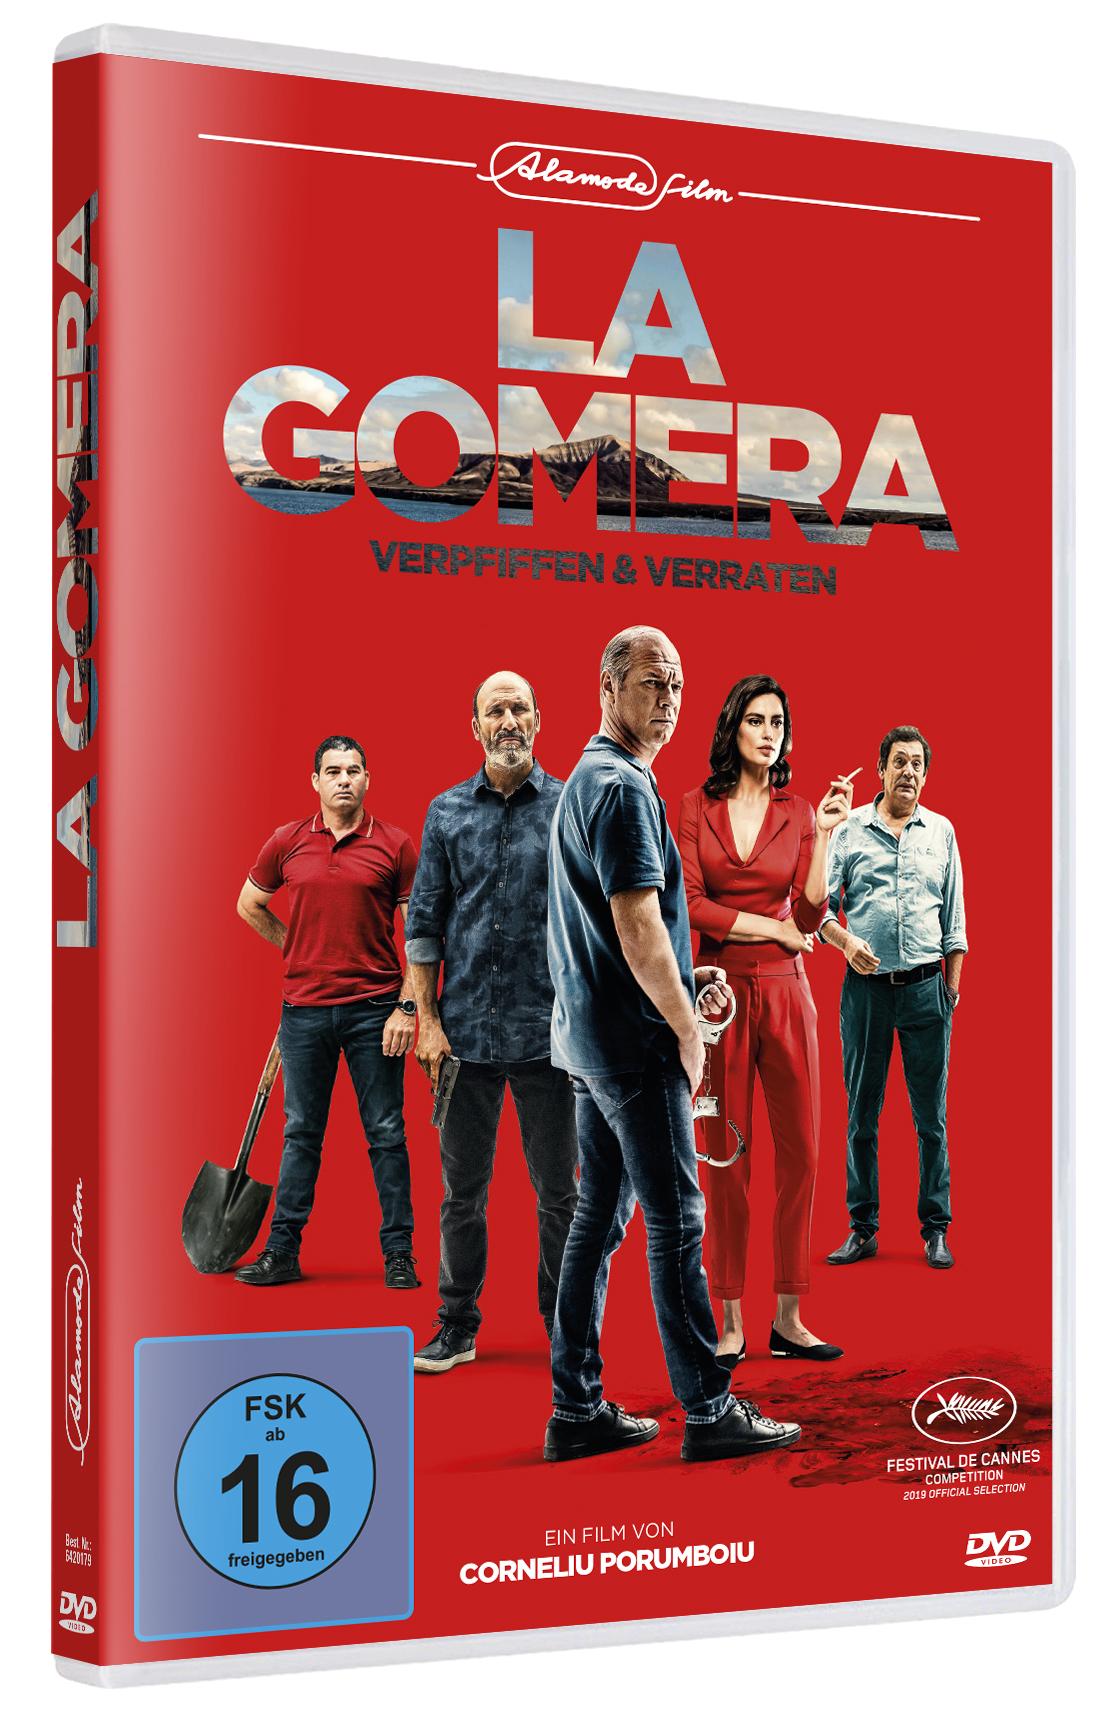 Im Vordergrund des DVD-Covers zu La Gomera ist Protagonist Cristi zu sehen. Hinter ihm reihen sich vier weitere Nebencharaktere auf. Alle stehen vor einem knallroten Hintergrund.